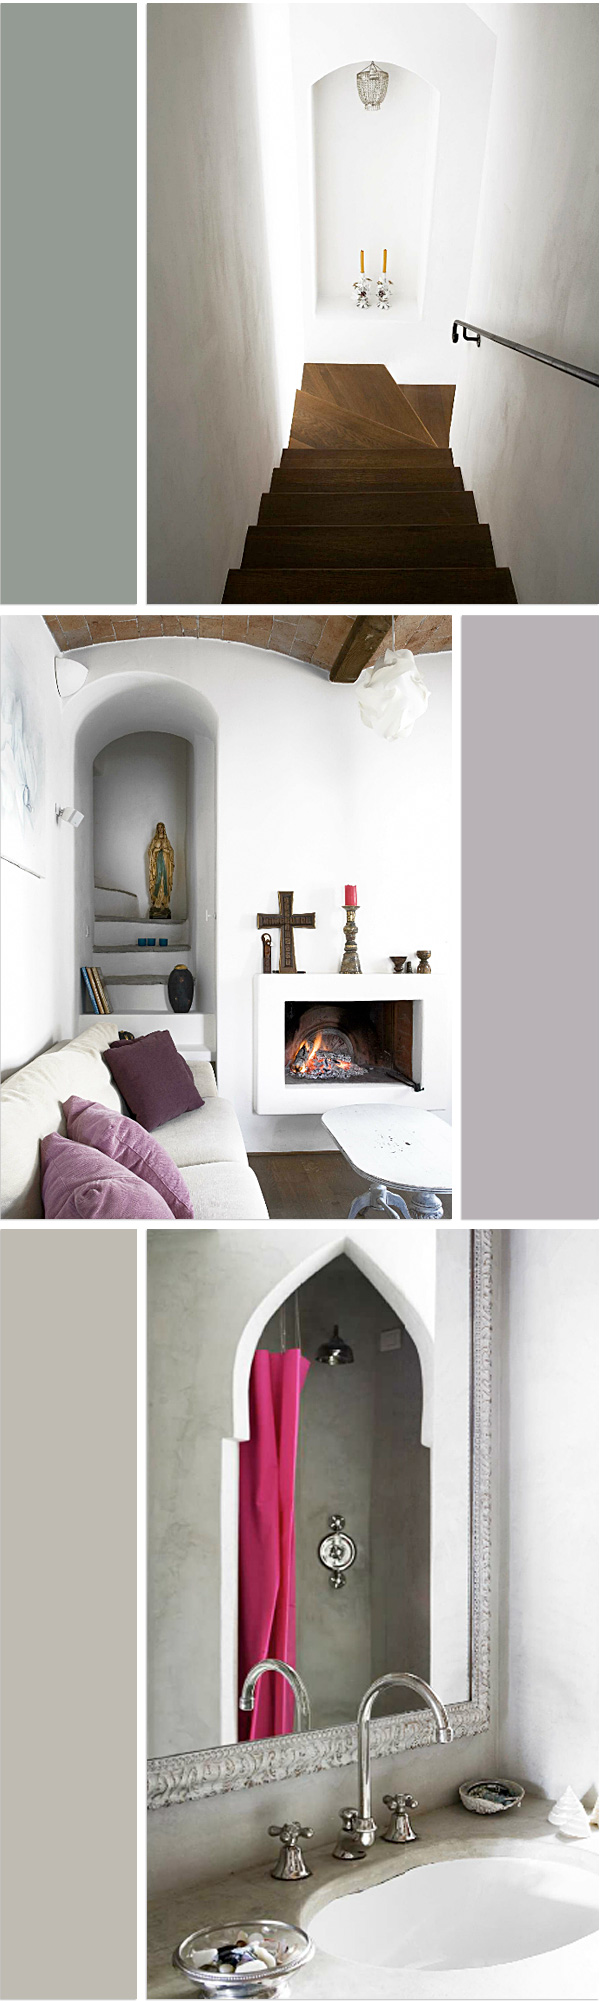 InnenAnsichten: Haus in Prato, Italien